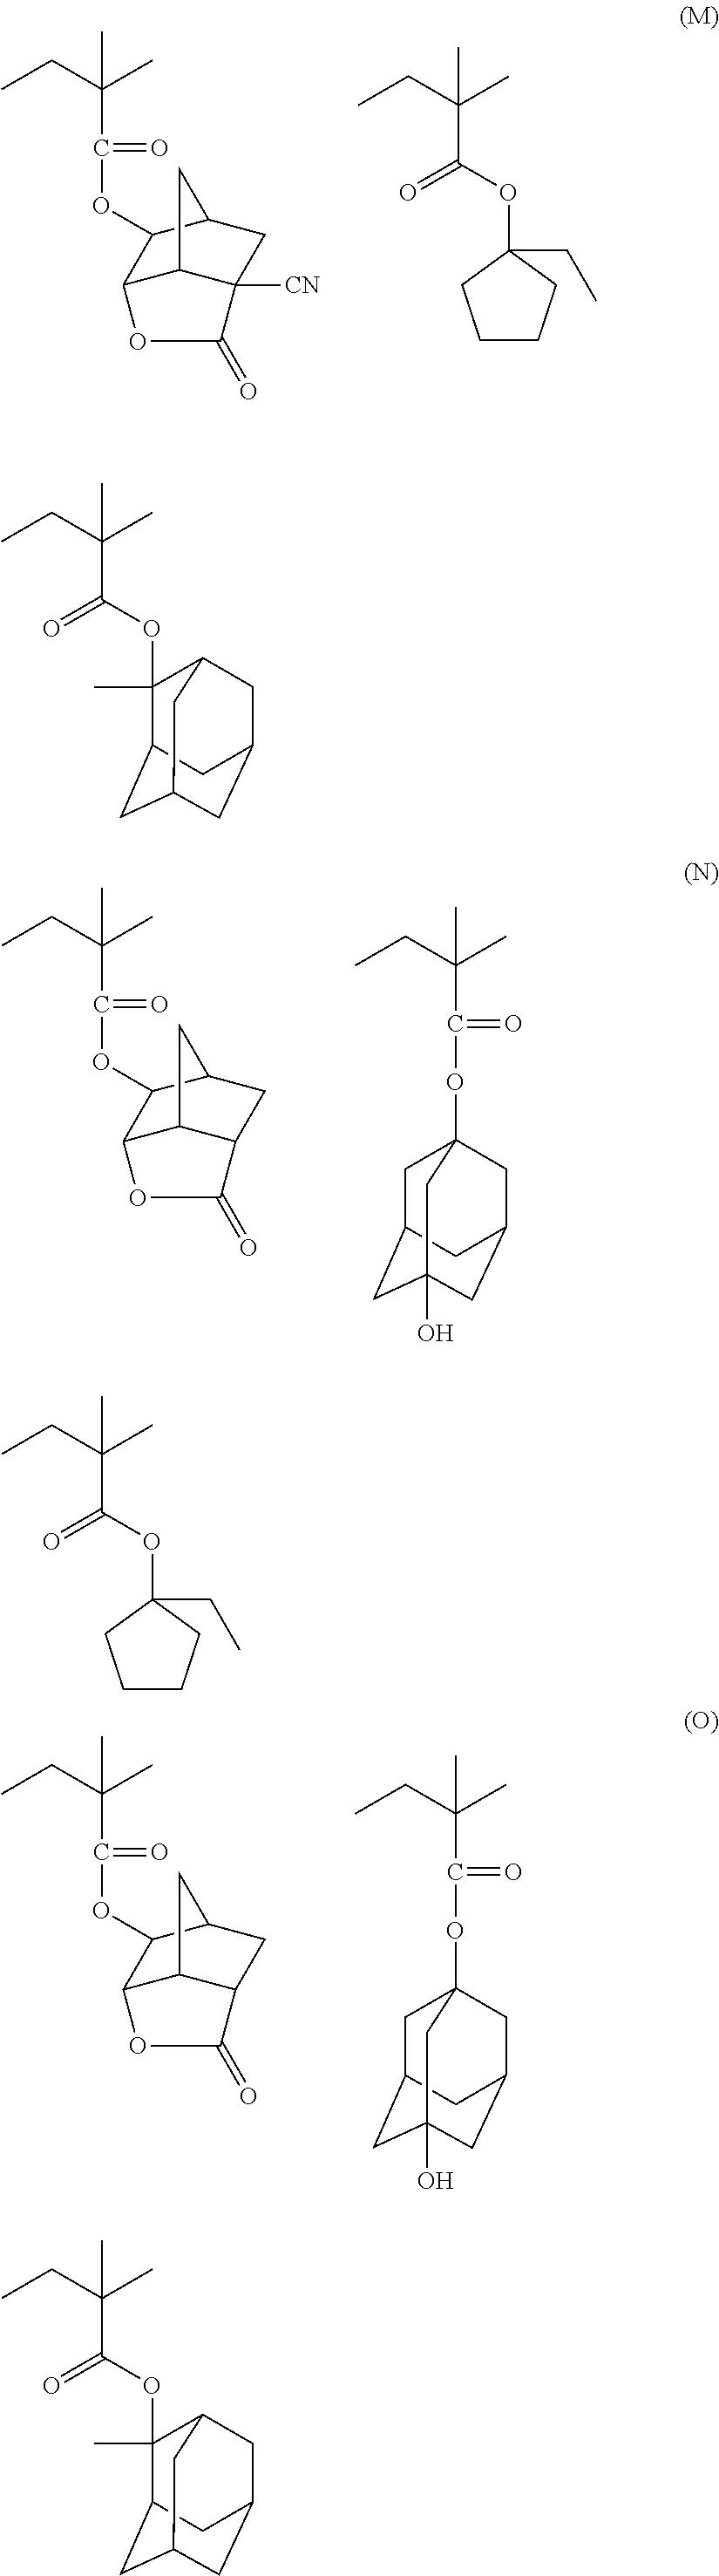 Figure US08637229-20140128-C00114